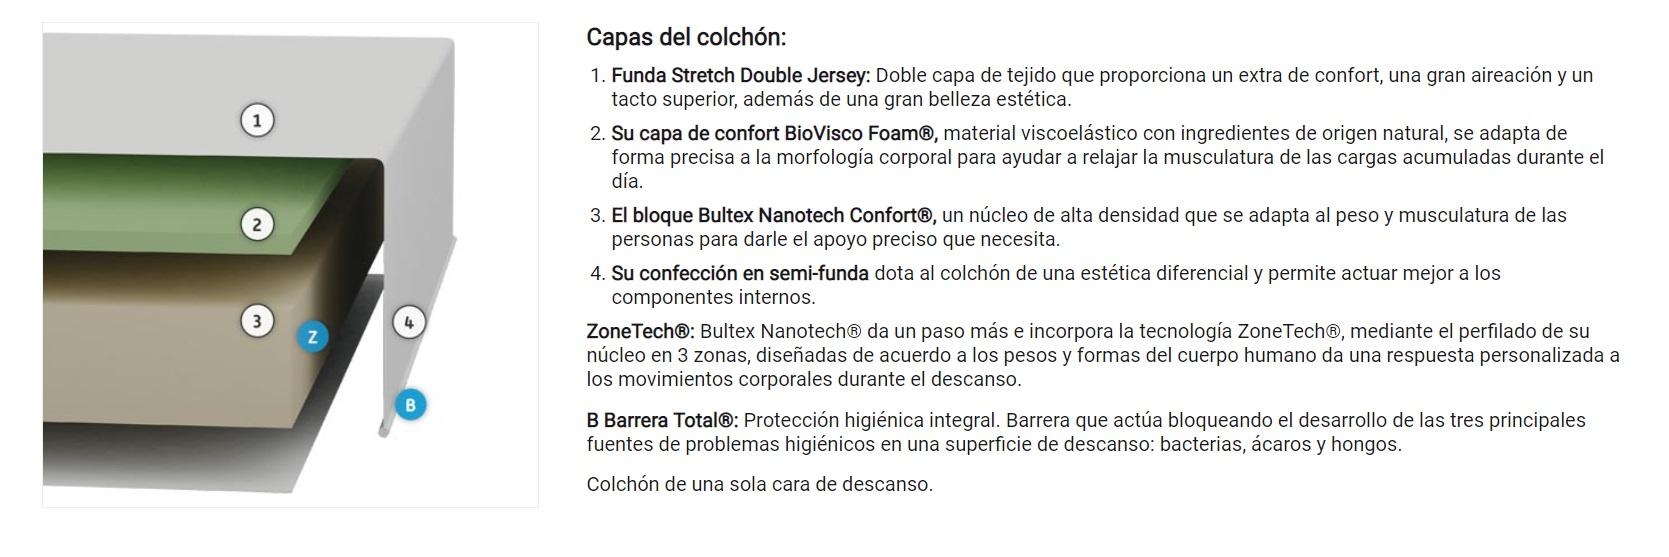 Tecnico 1 Colchon Focus Pikolin